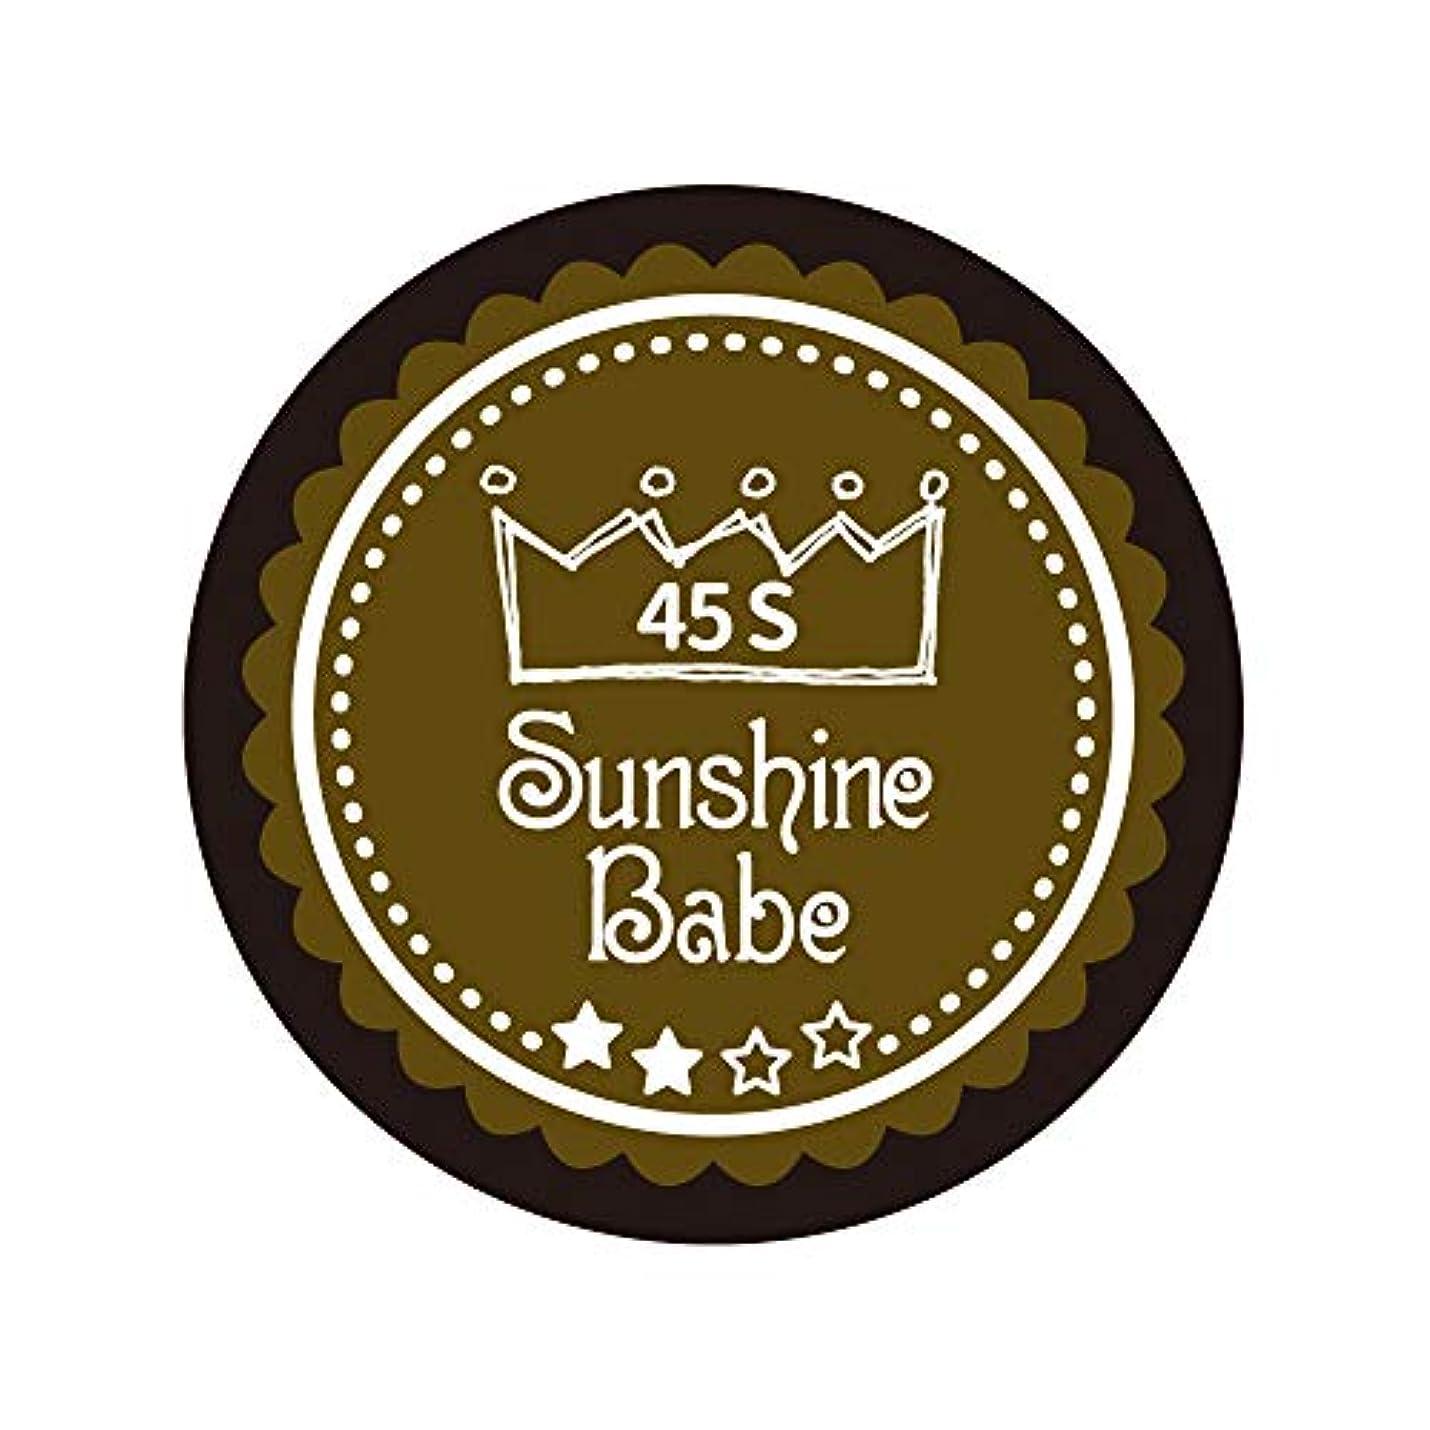 セージリングバックブロッサムSunshine Babe カラージェル 45S マティーニオリーブ 4g UV/LED対応